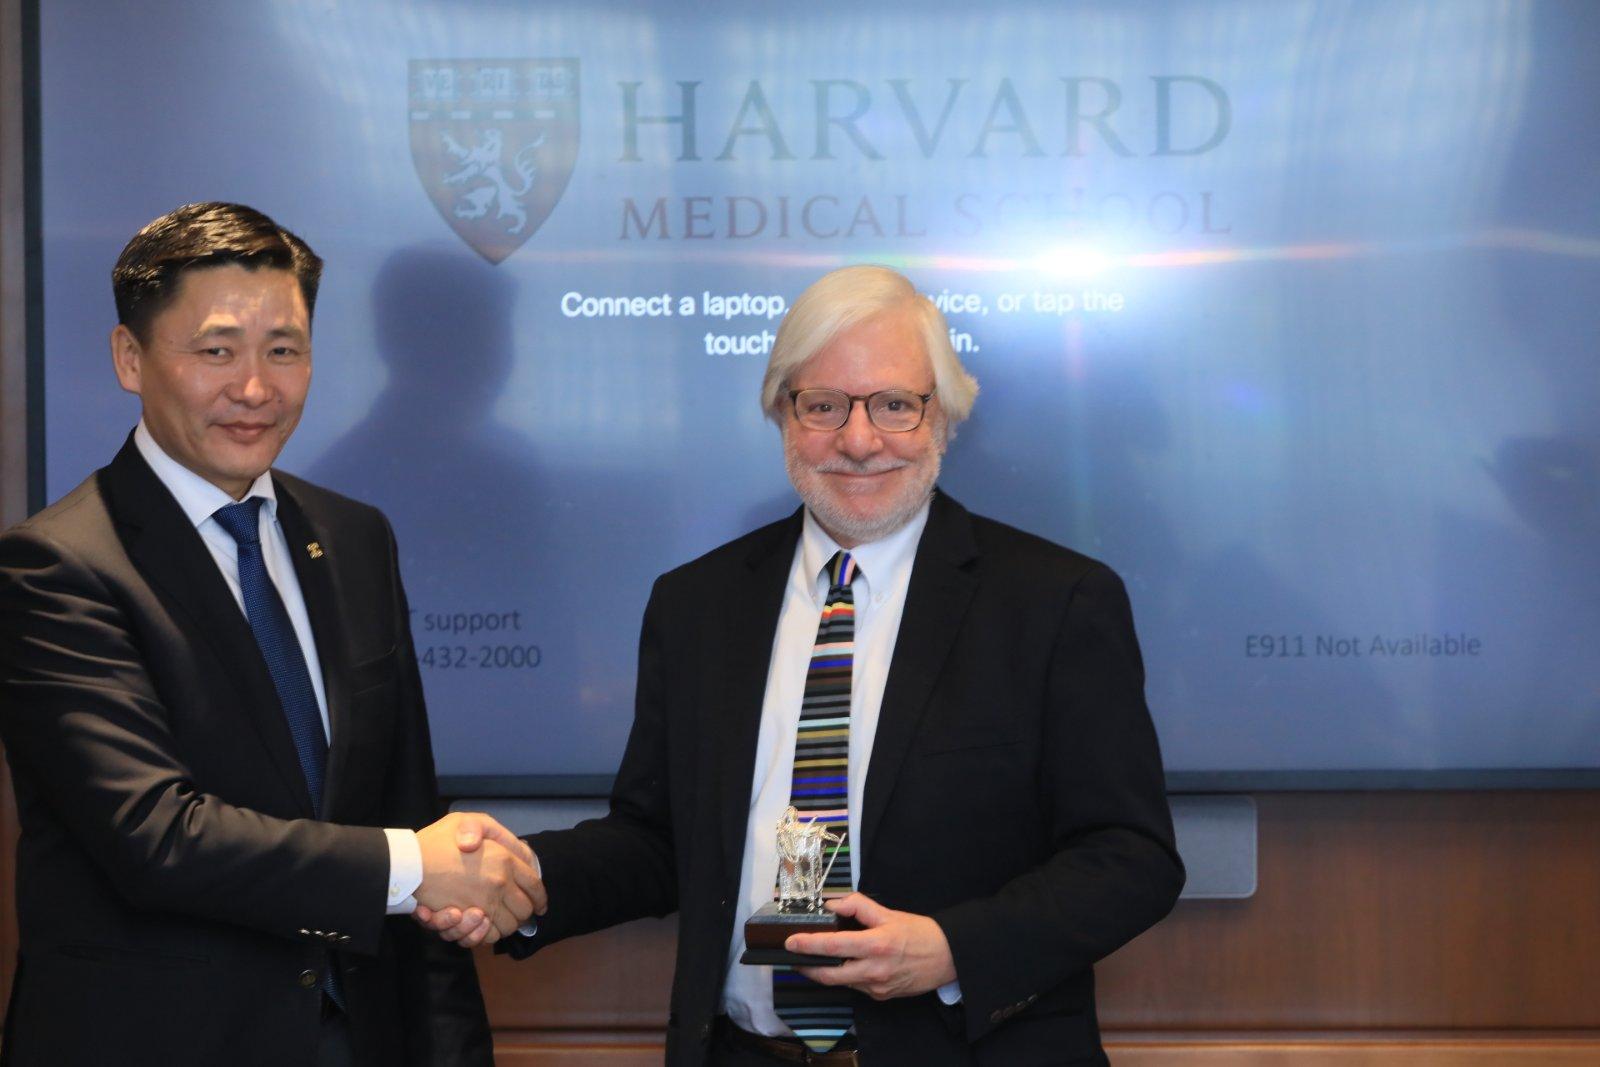 Харвардын их сургуульд клиникийн эмнэлзүйн эмч нар суралцах эрх нь нээлттэй боллоо